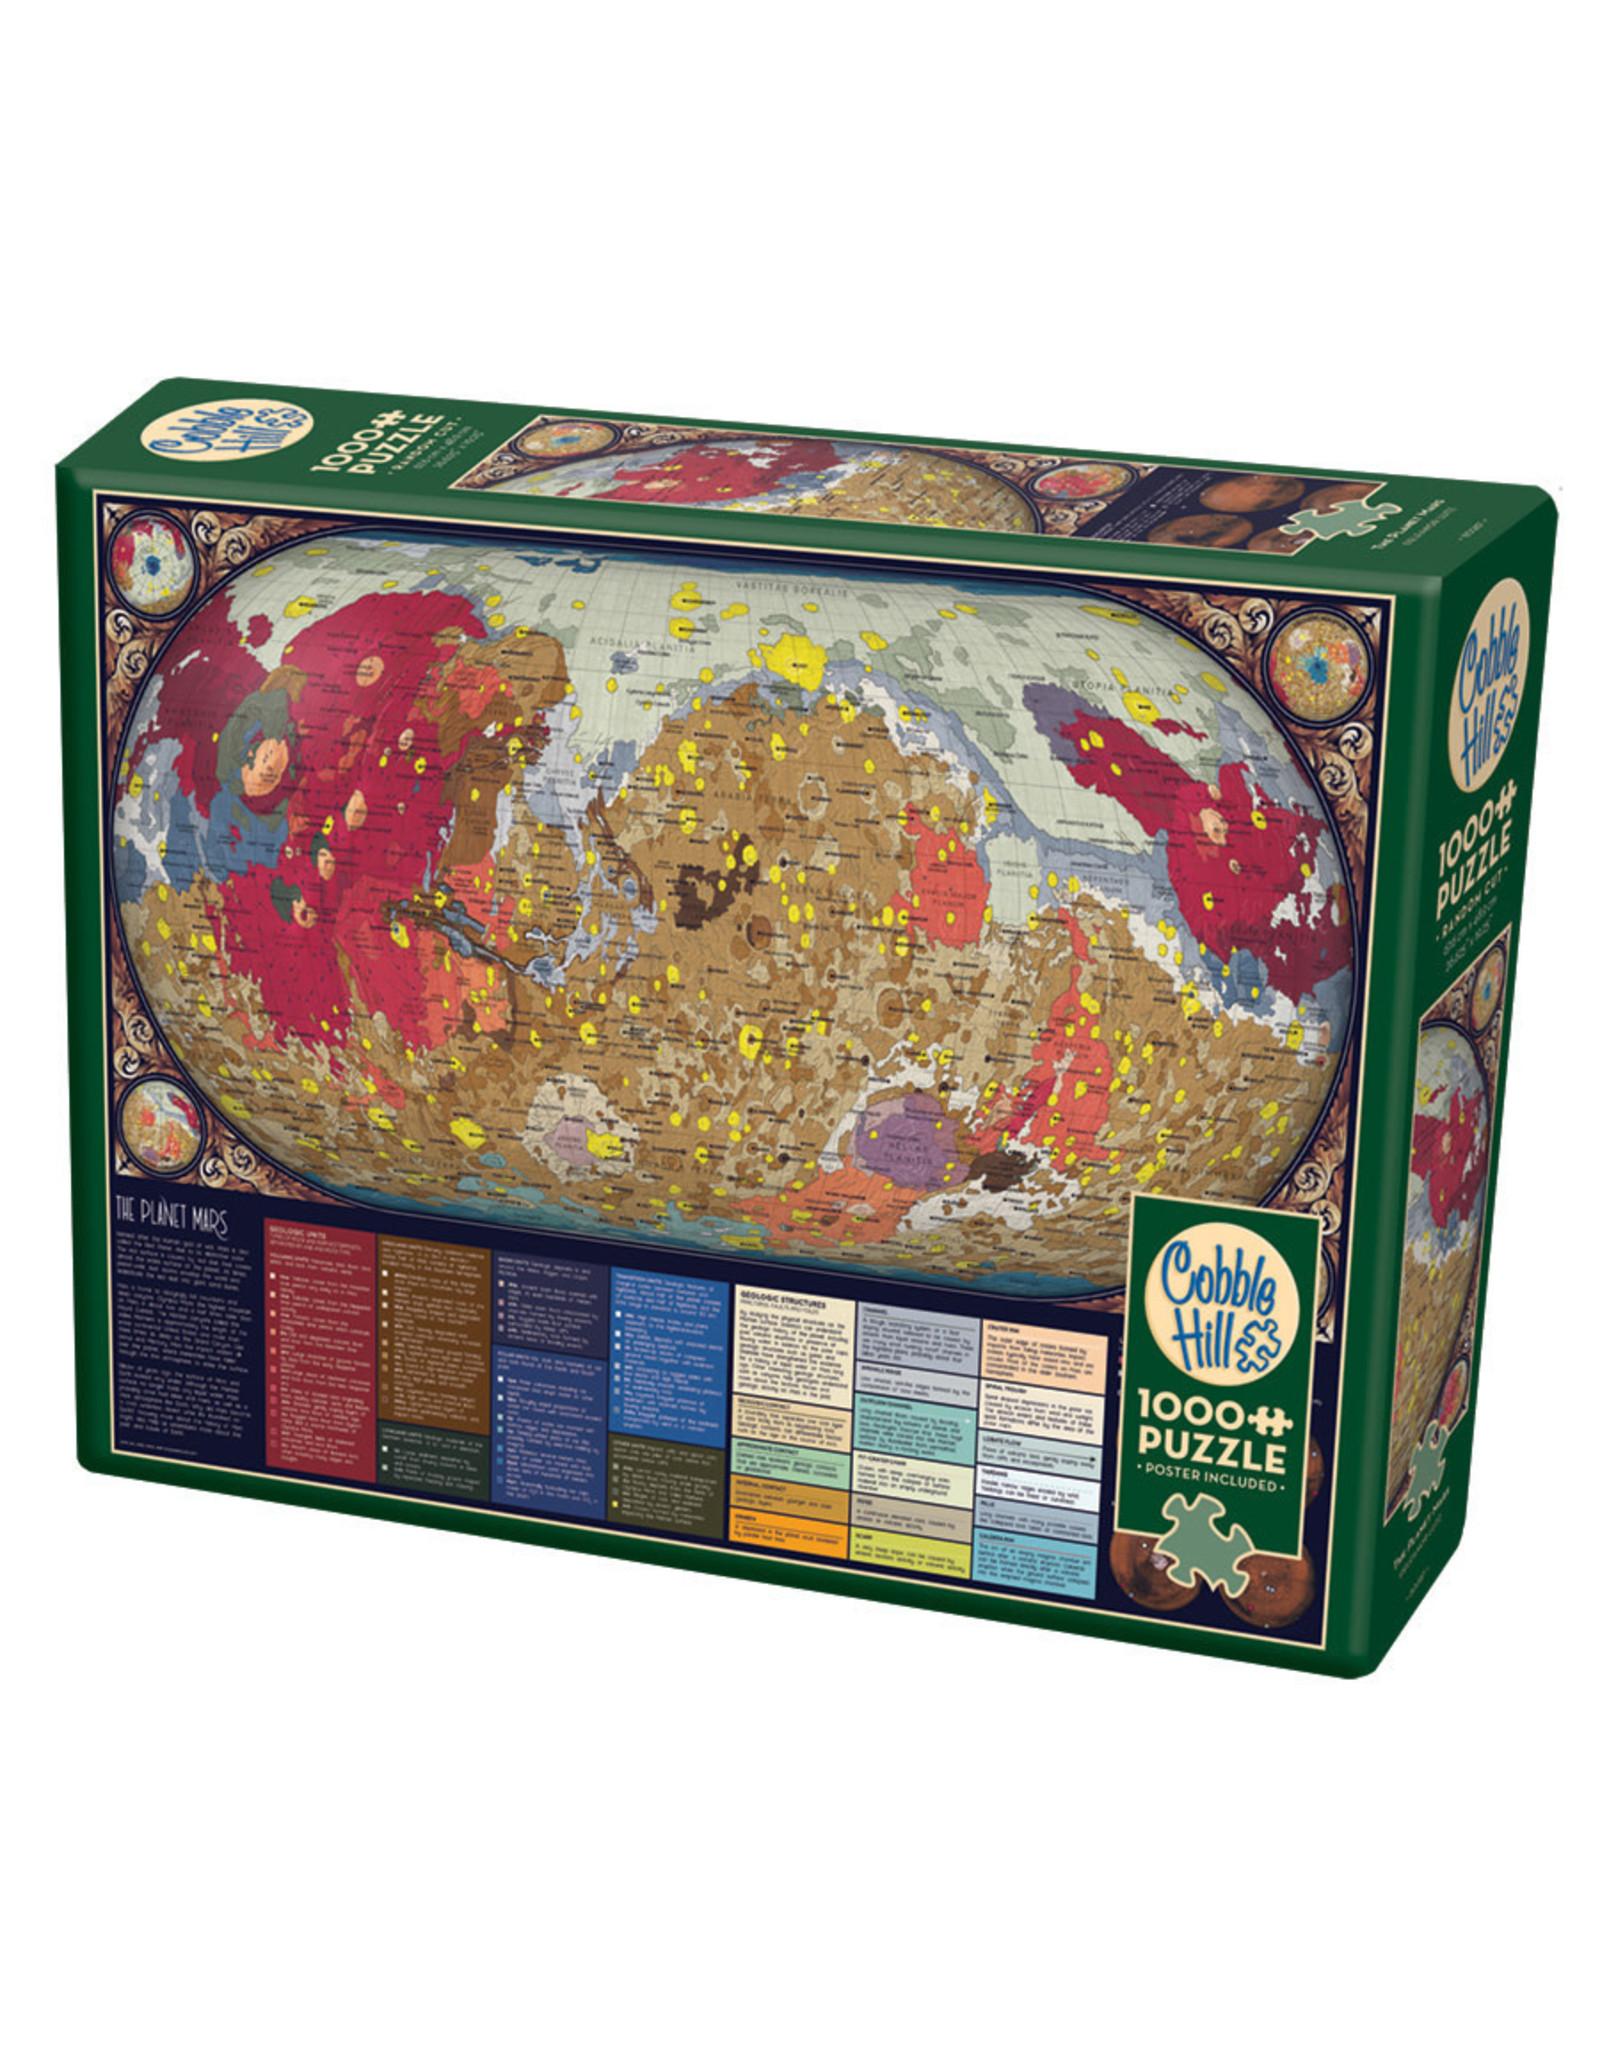 Cobble Hill 1000 pcs. The Planet Mars Puzzle